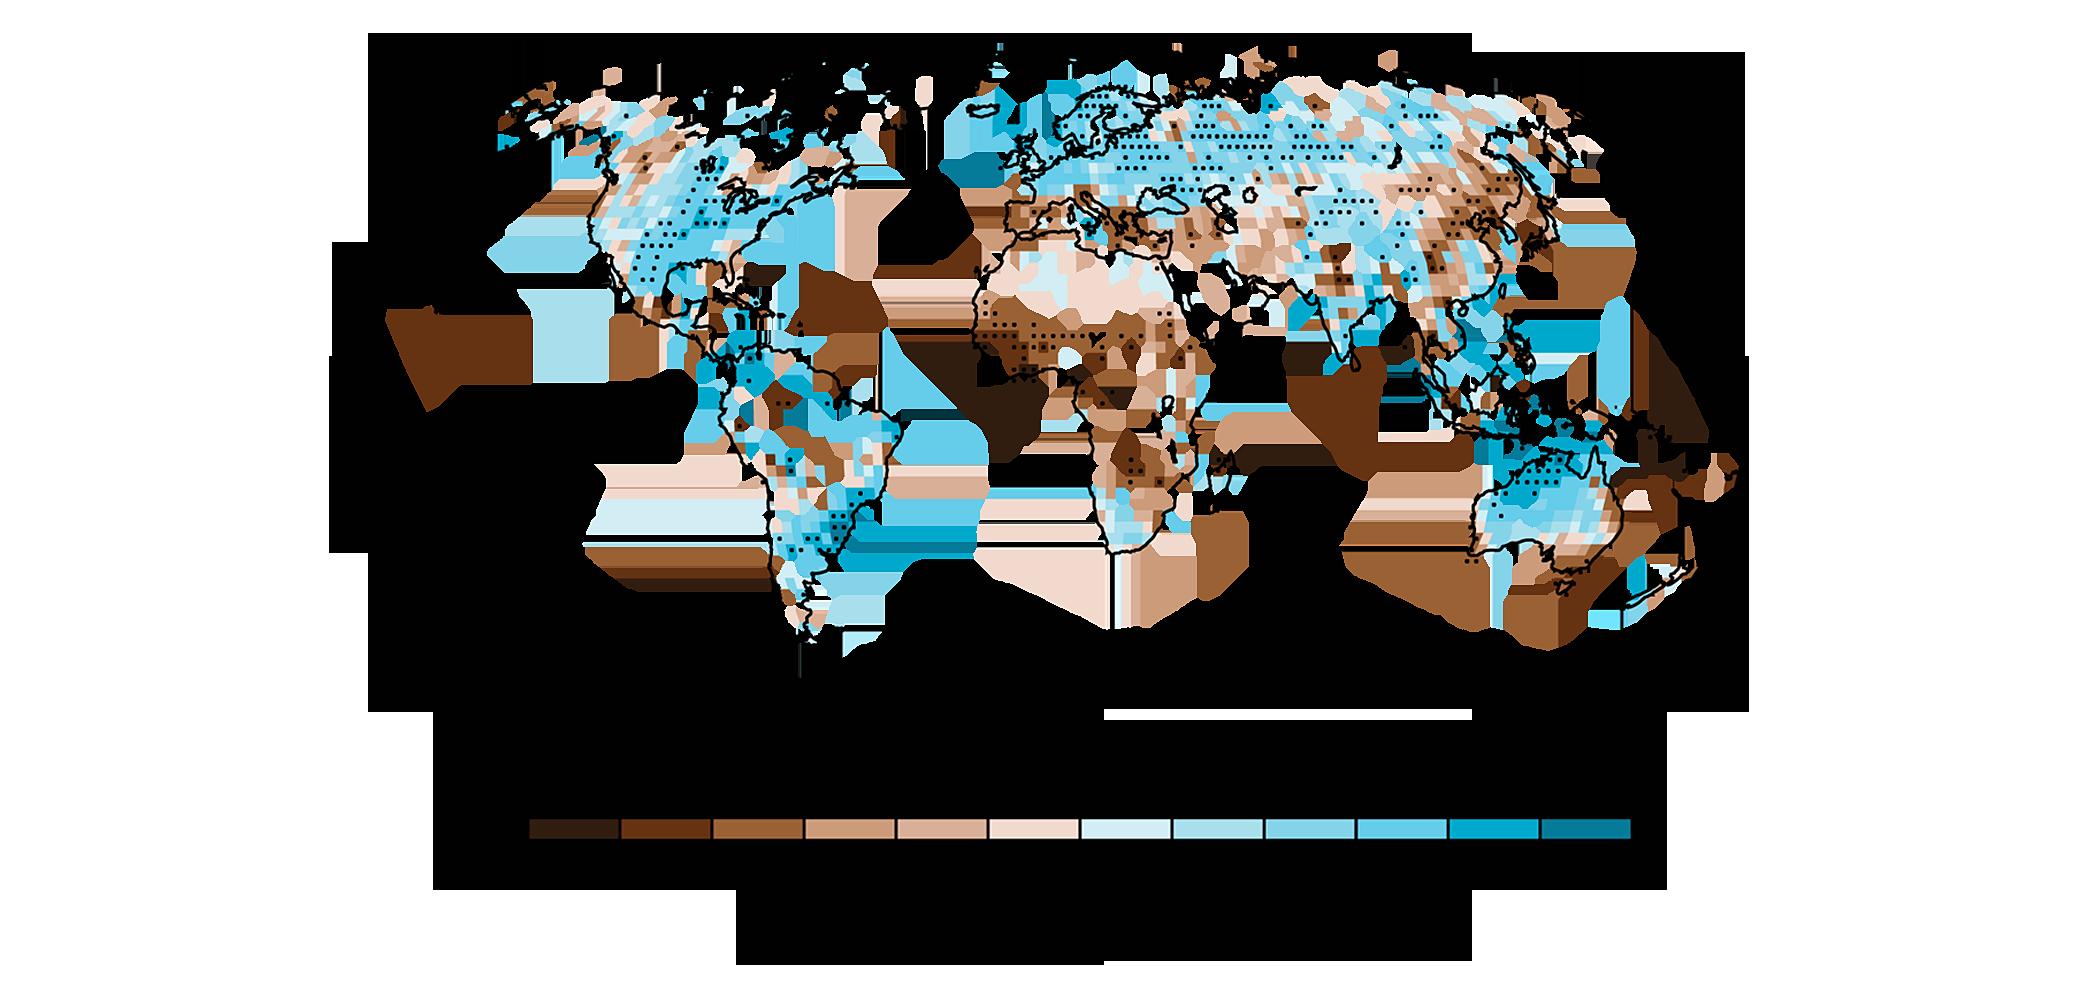 Ãvolution des précipitations annuelles entre 1951 et 2010, GIEC